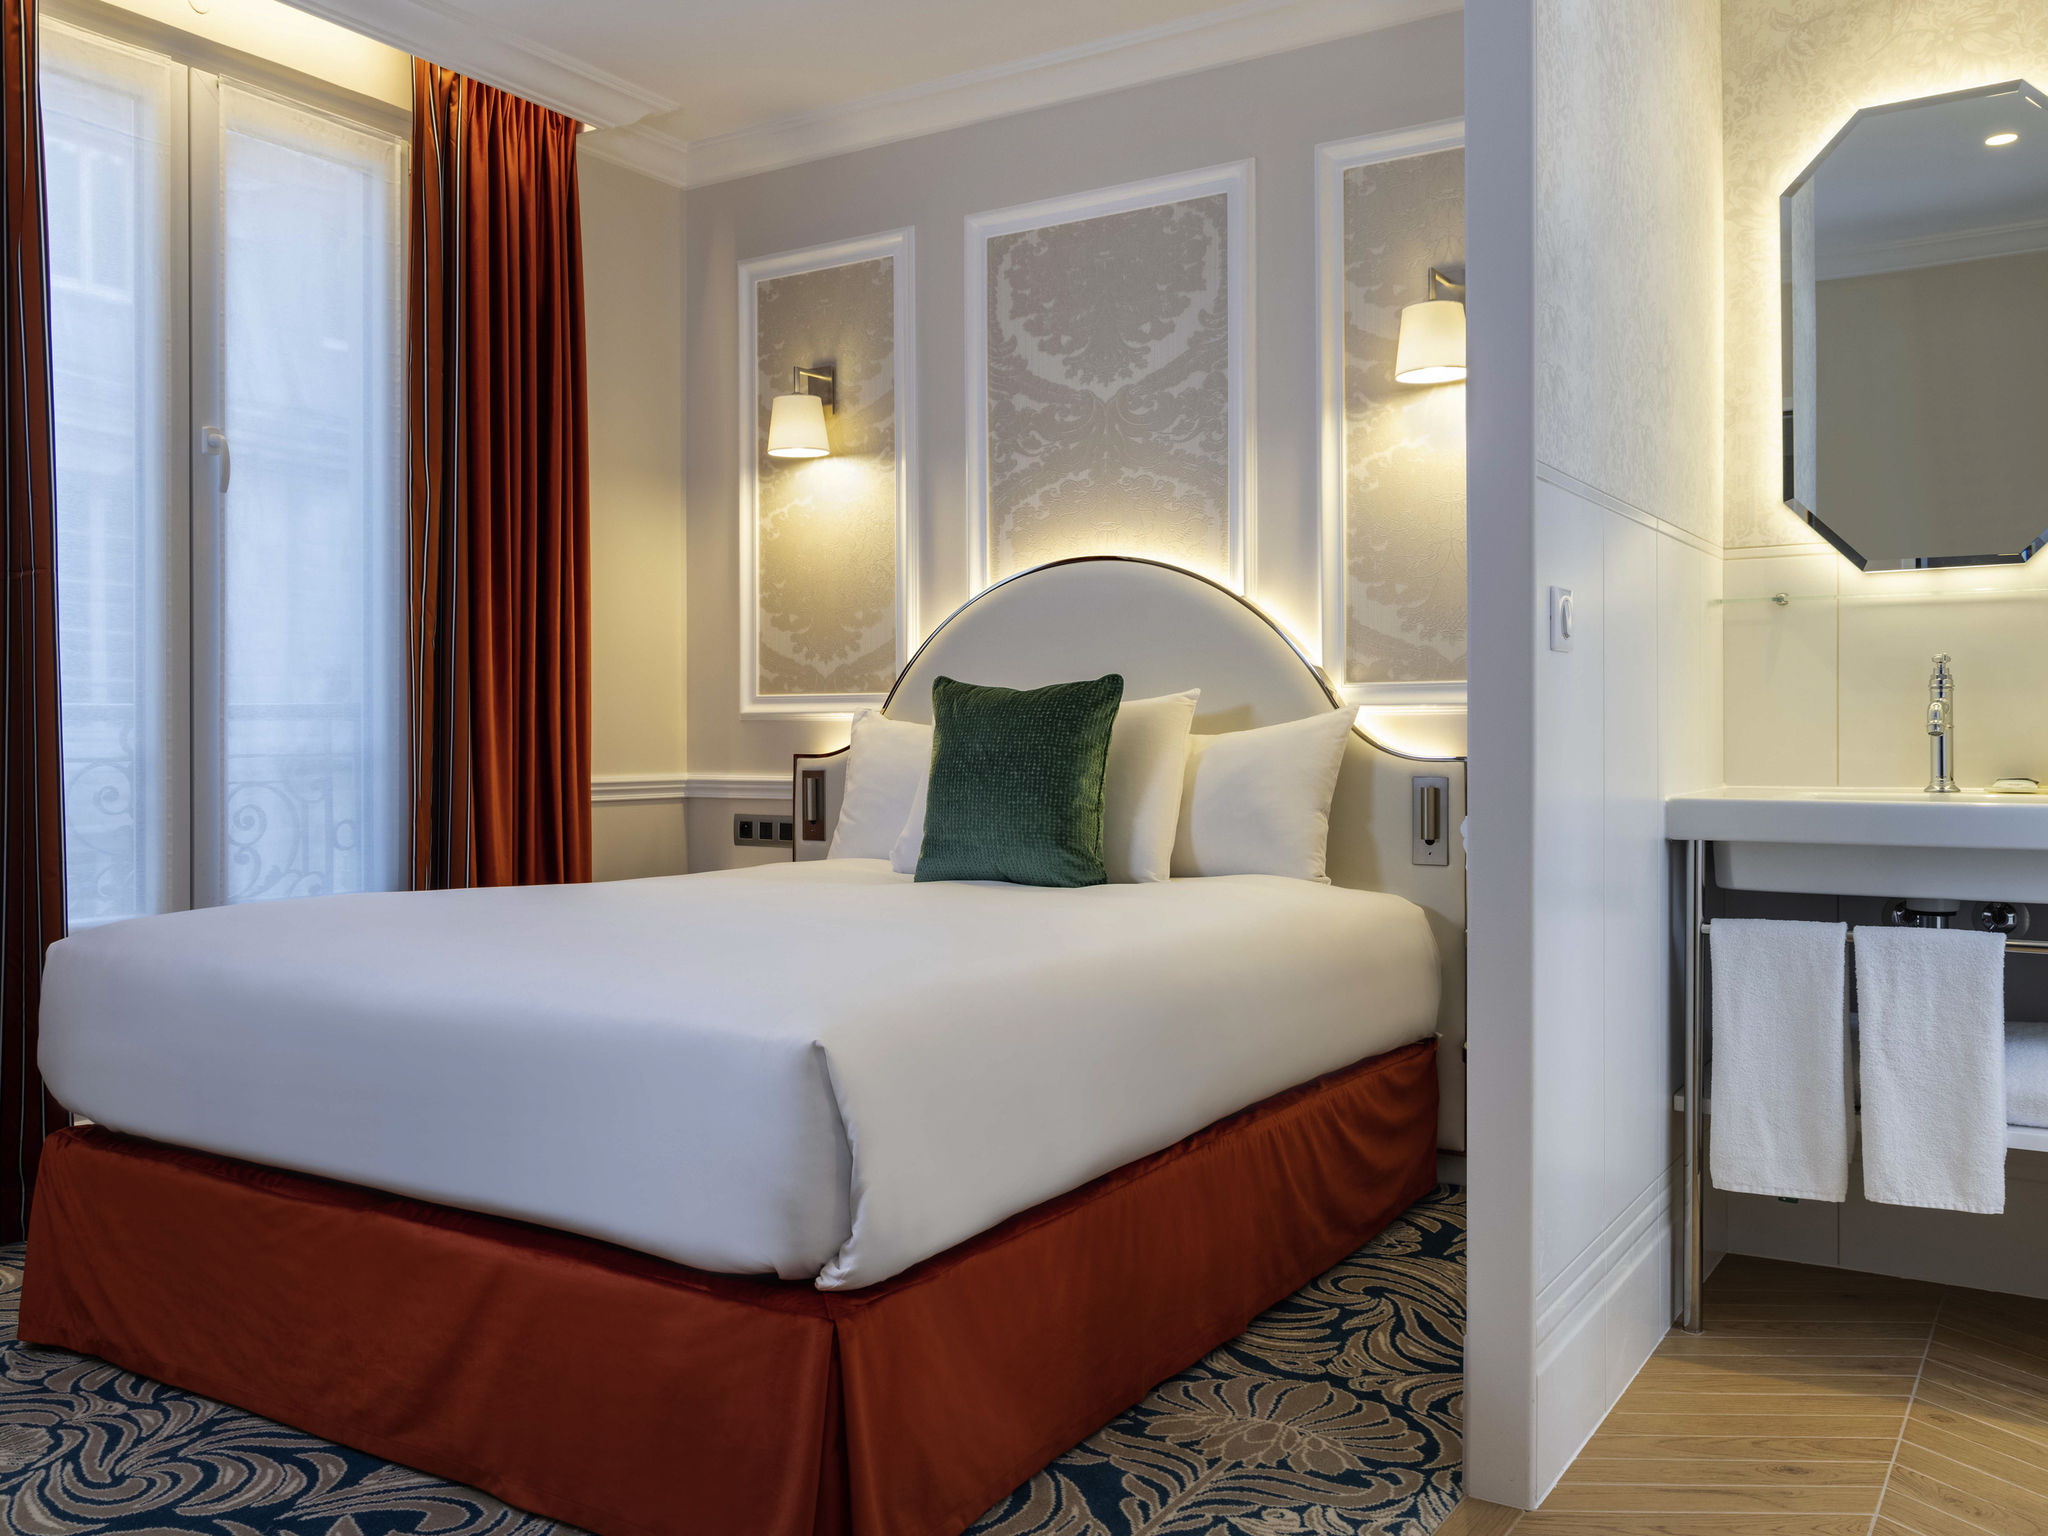 โรงแรม – โรงแรมเมอร์เคียว ปารีส ลา ซอร์บอนน์ แซงต์-แฌแม็ง เด เพร